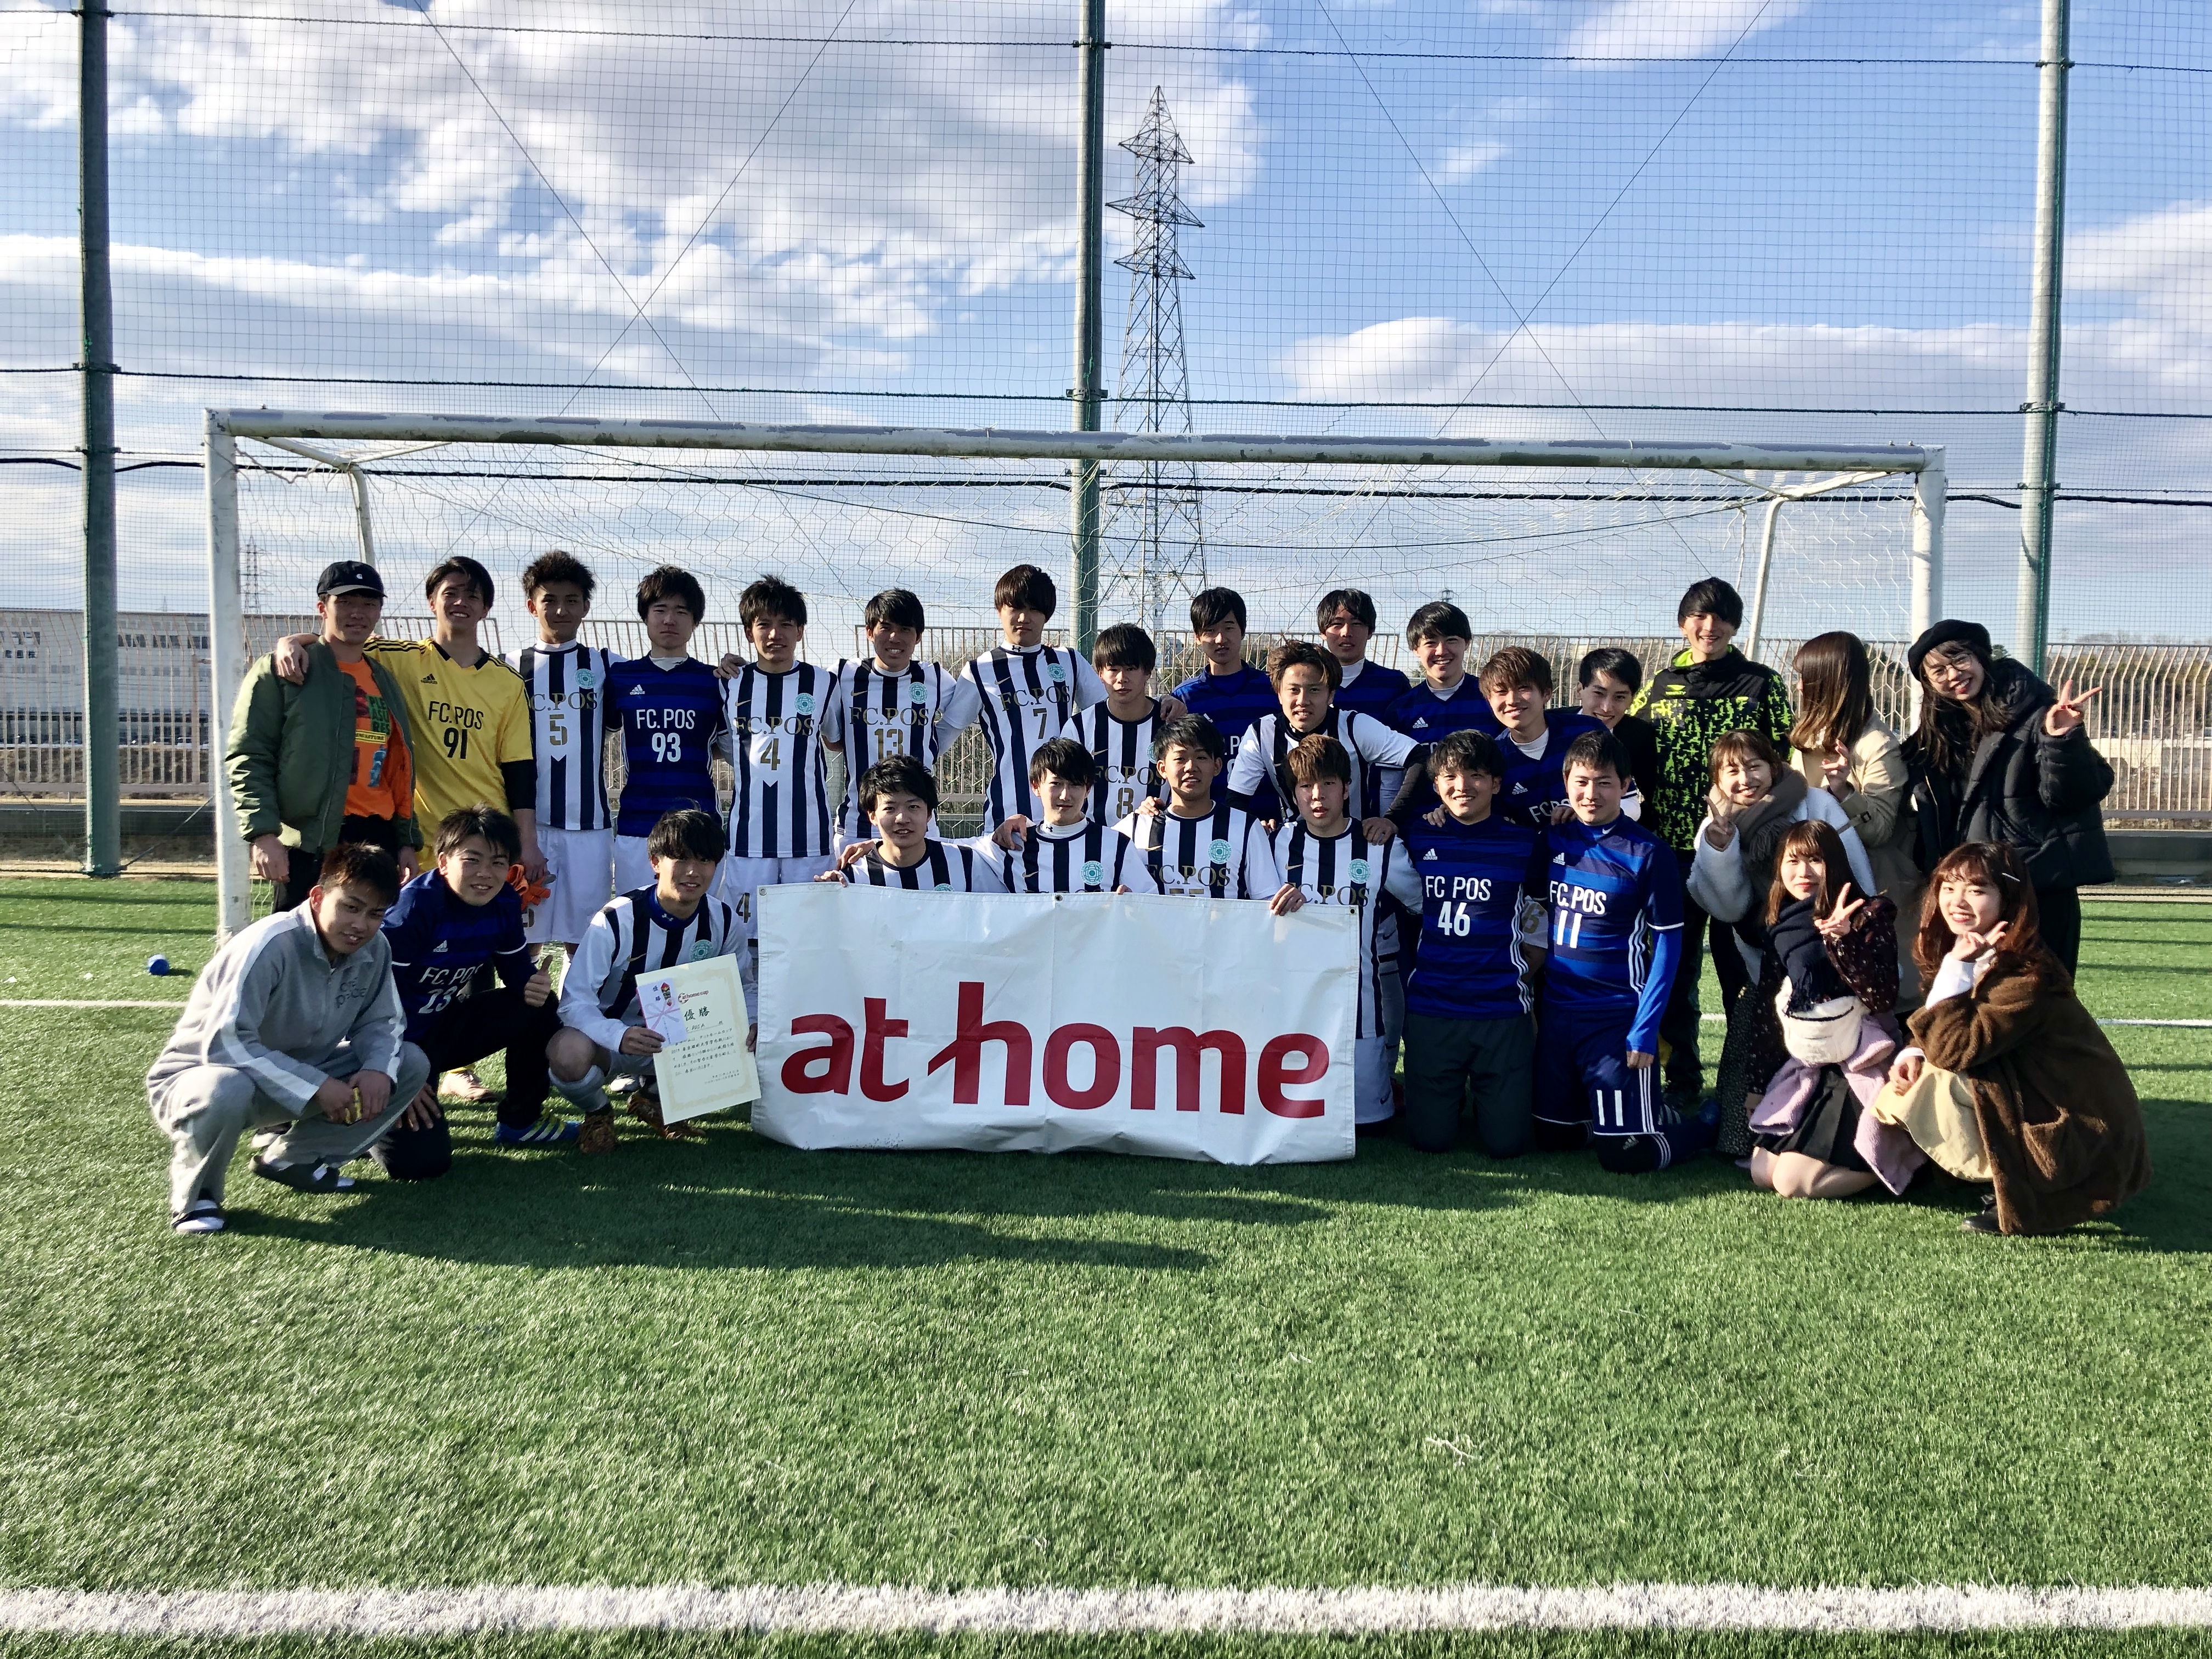 東京理科大学 FC POS A